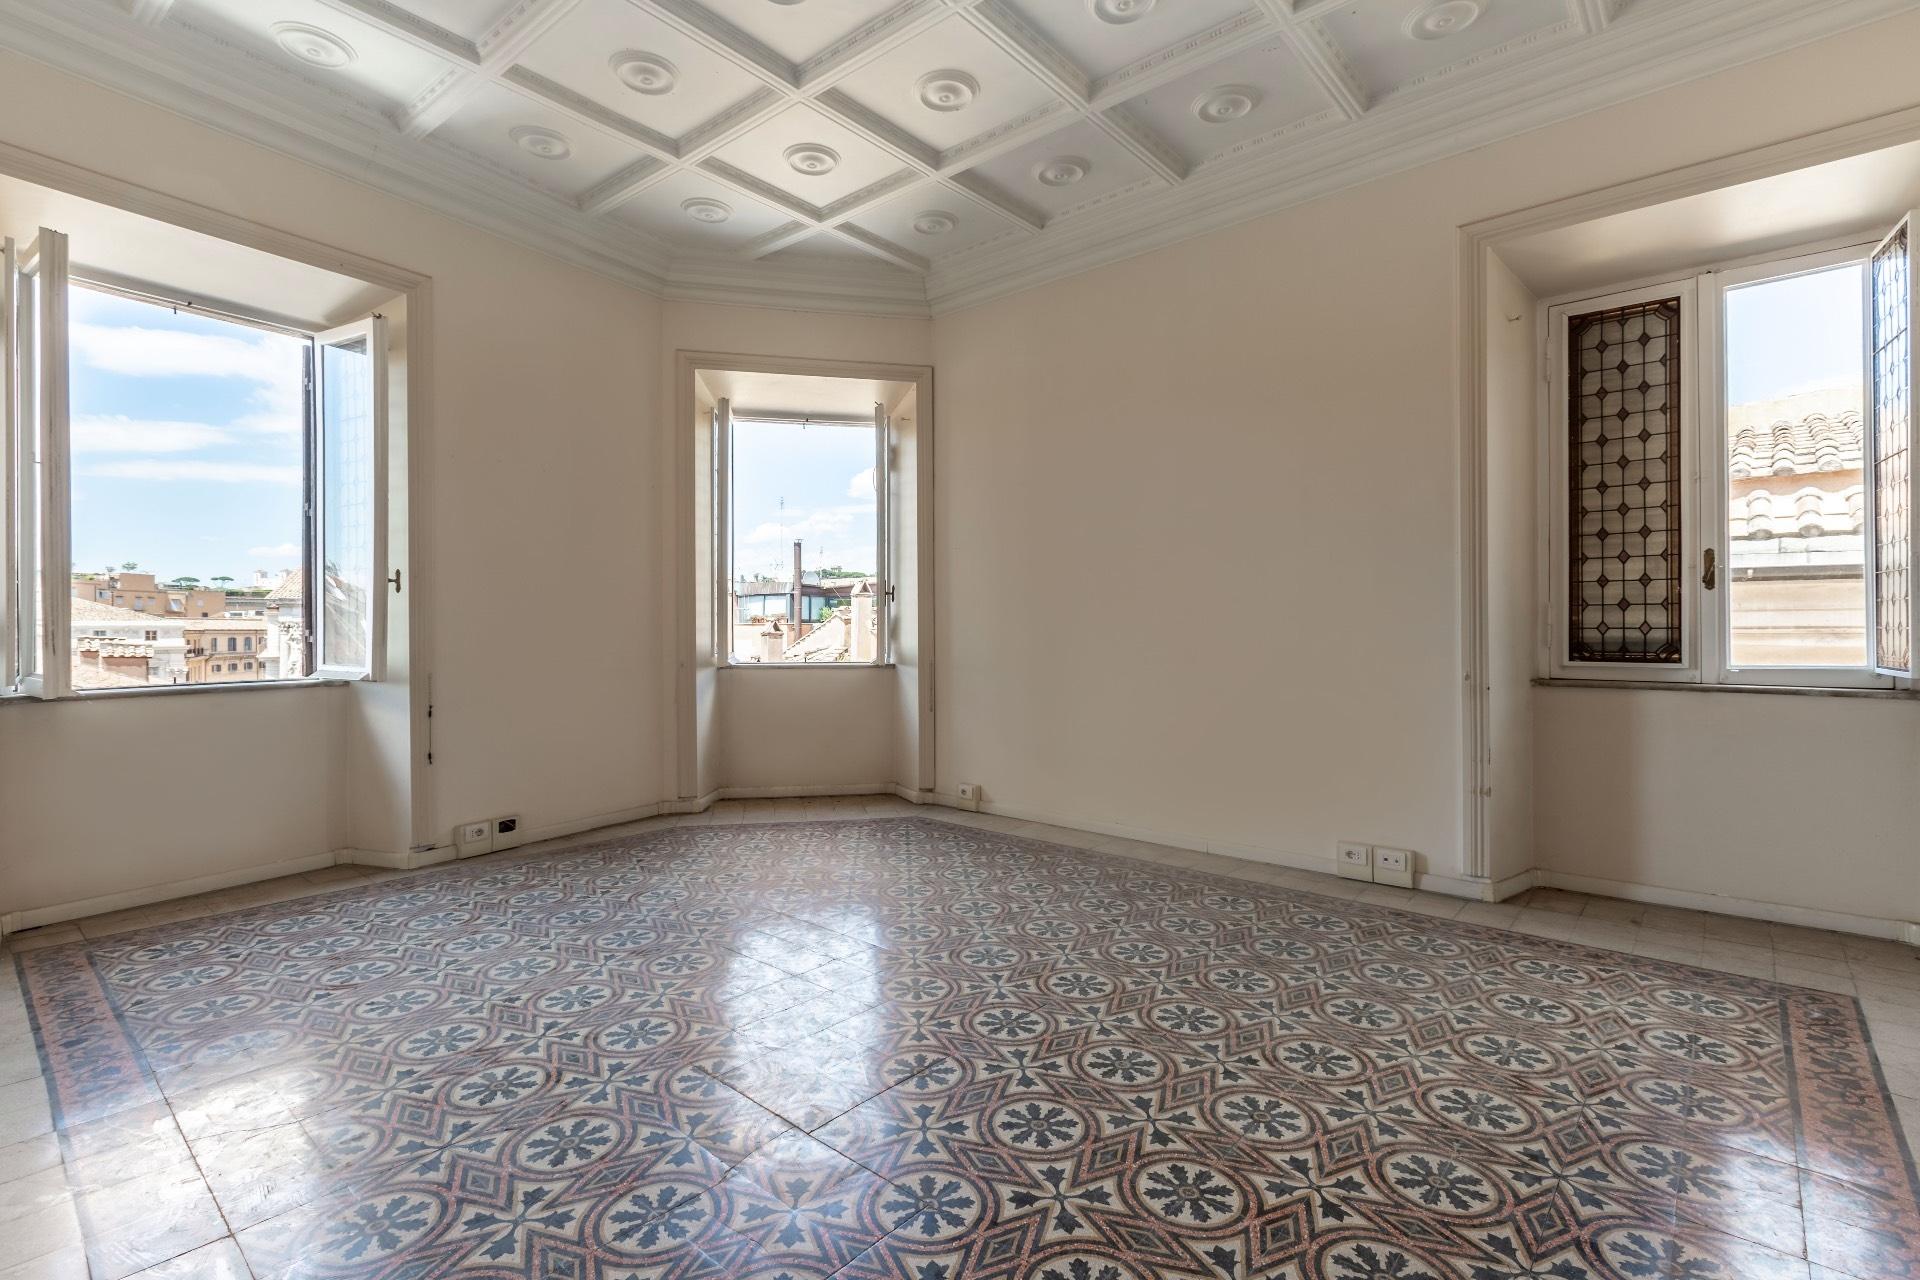 cbi073-trevi18 - appartamento in vendita a roma - centro storico -